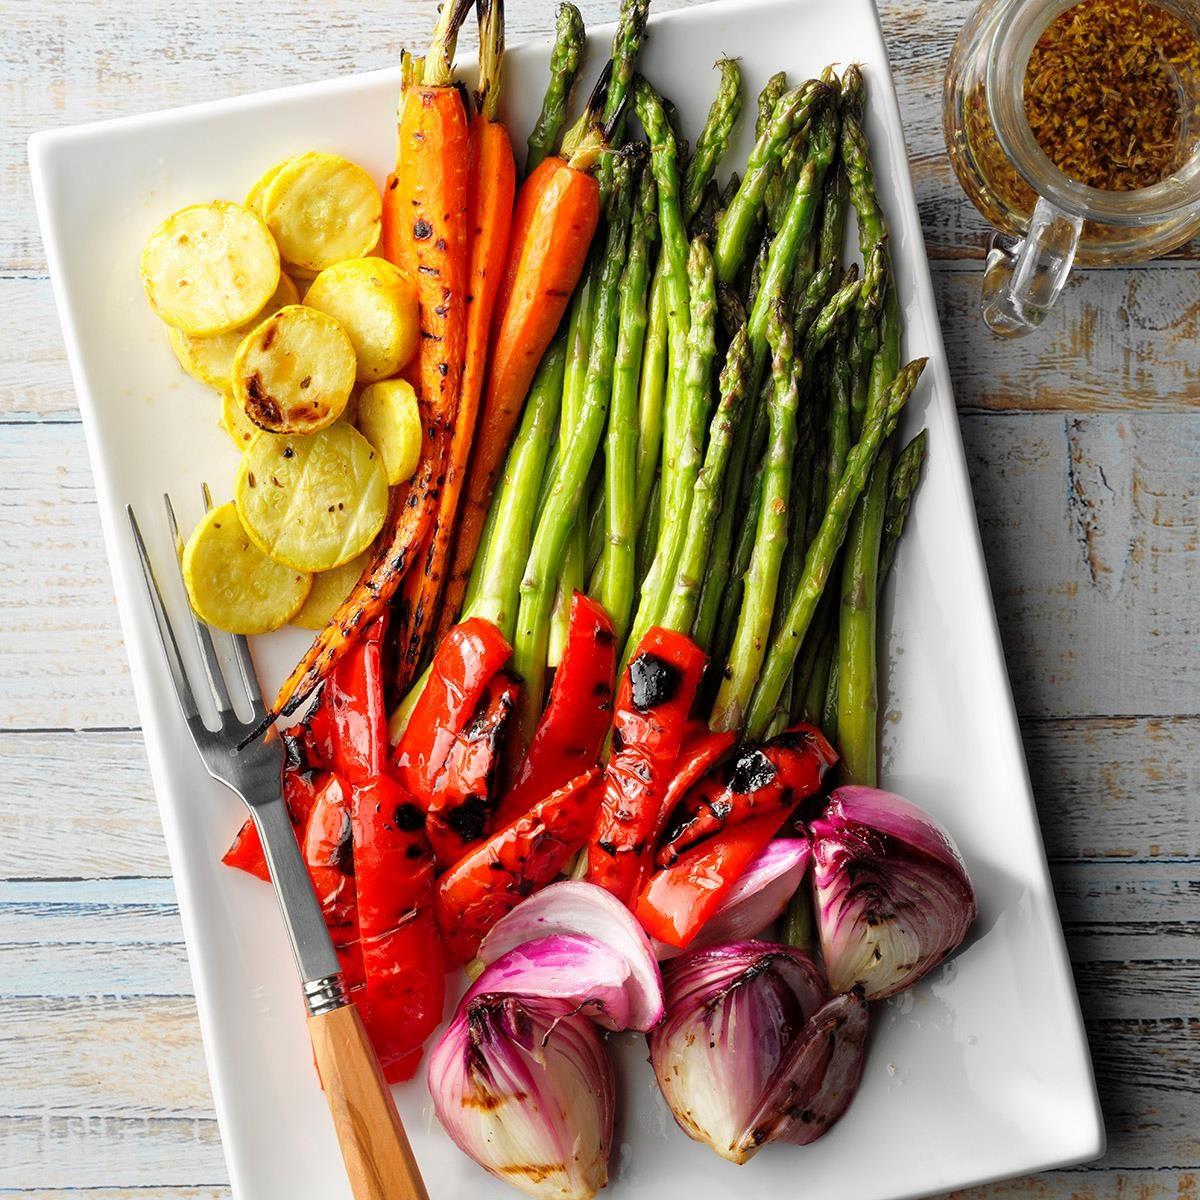 Grilled Vegetable Platter Exps Diyd19 42990 E07 24 7b 4